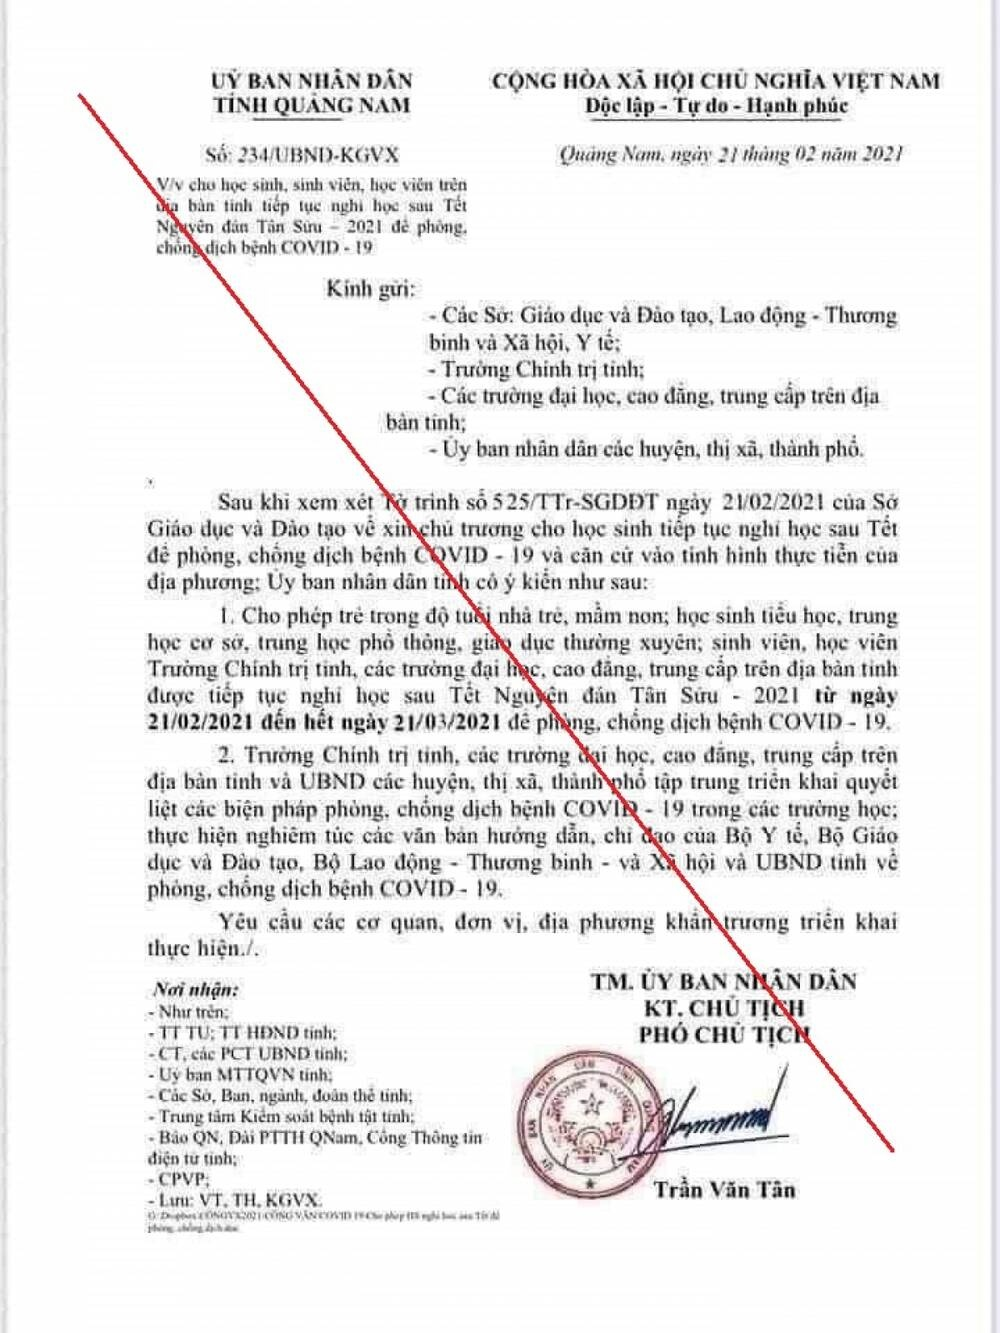 Quảng Nam: Một học sinh THCS làm giả văn bản cho nghỉ học thêm 1 tháng để phòng dịch Ảnh 2